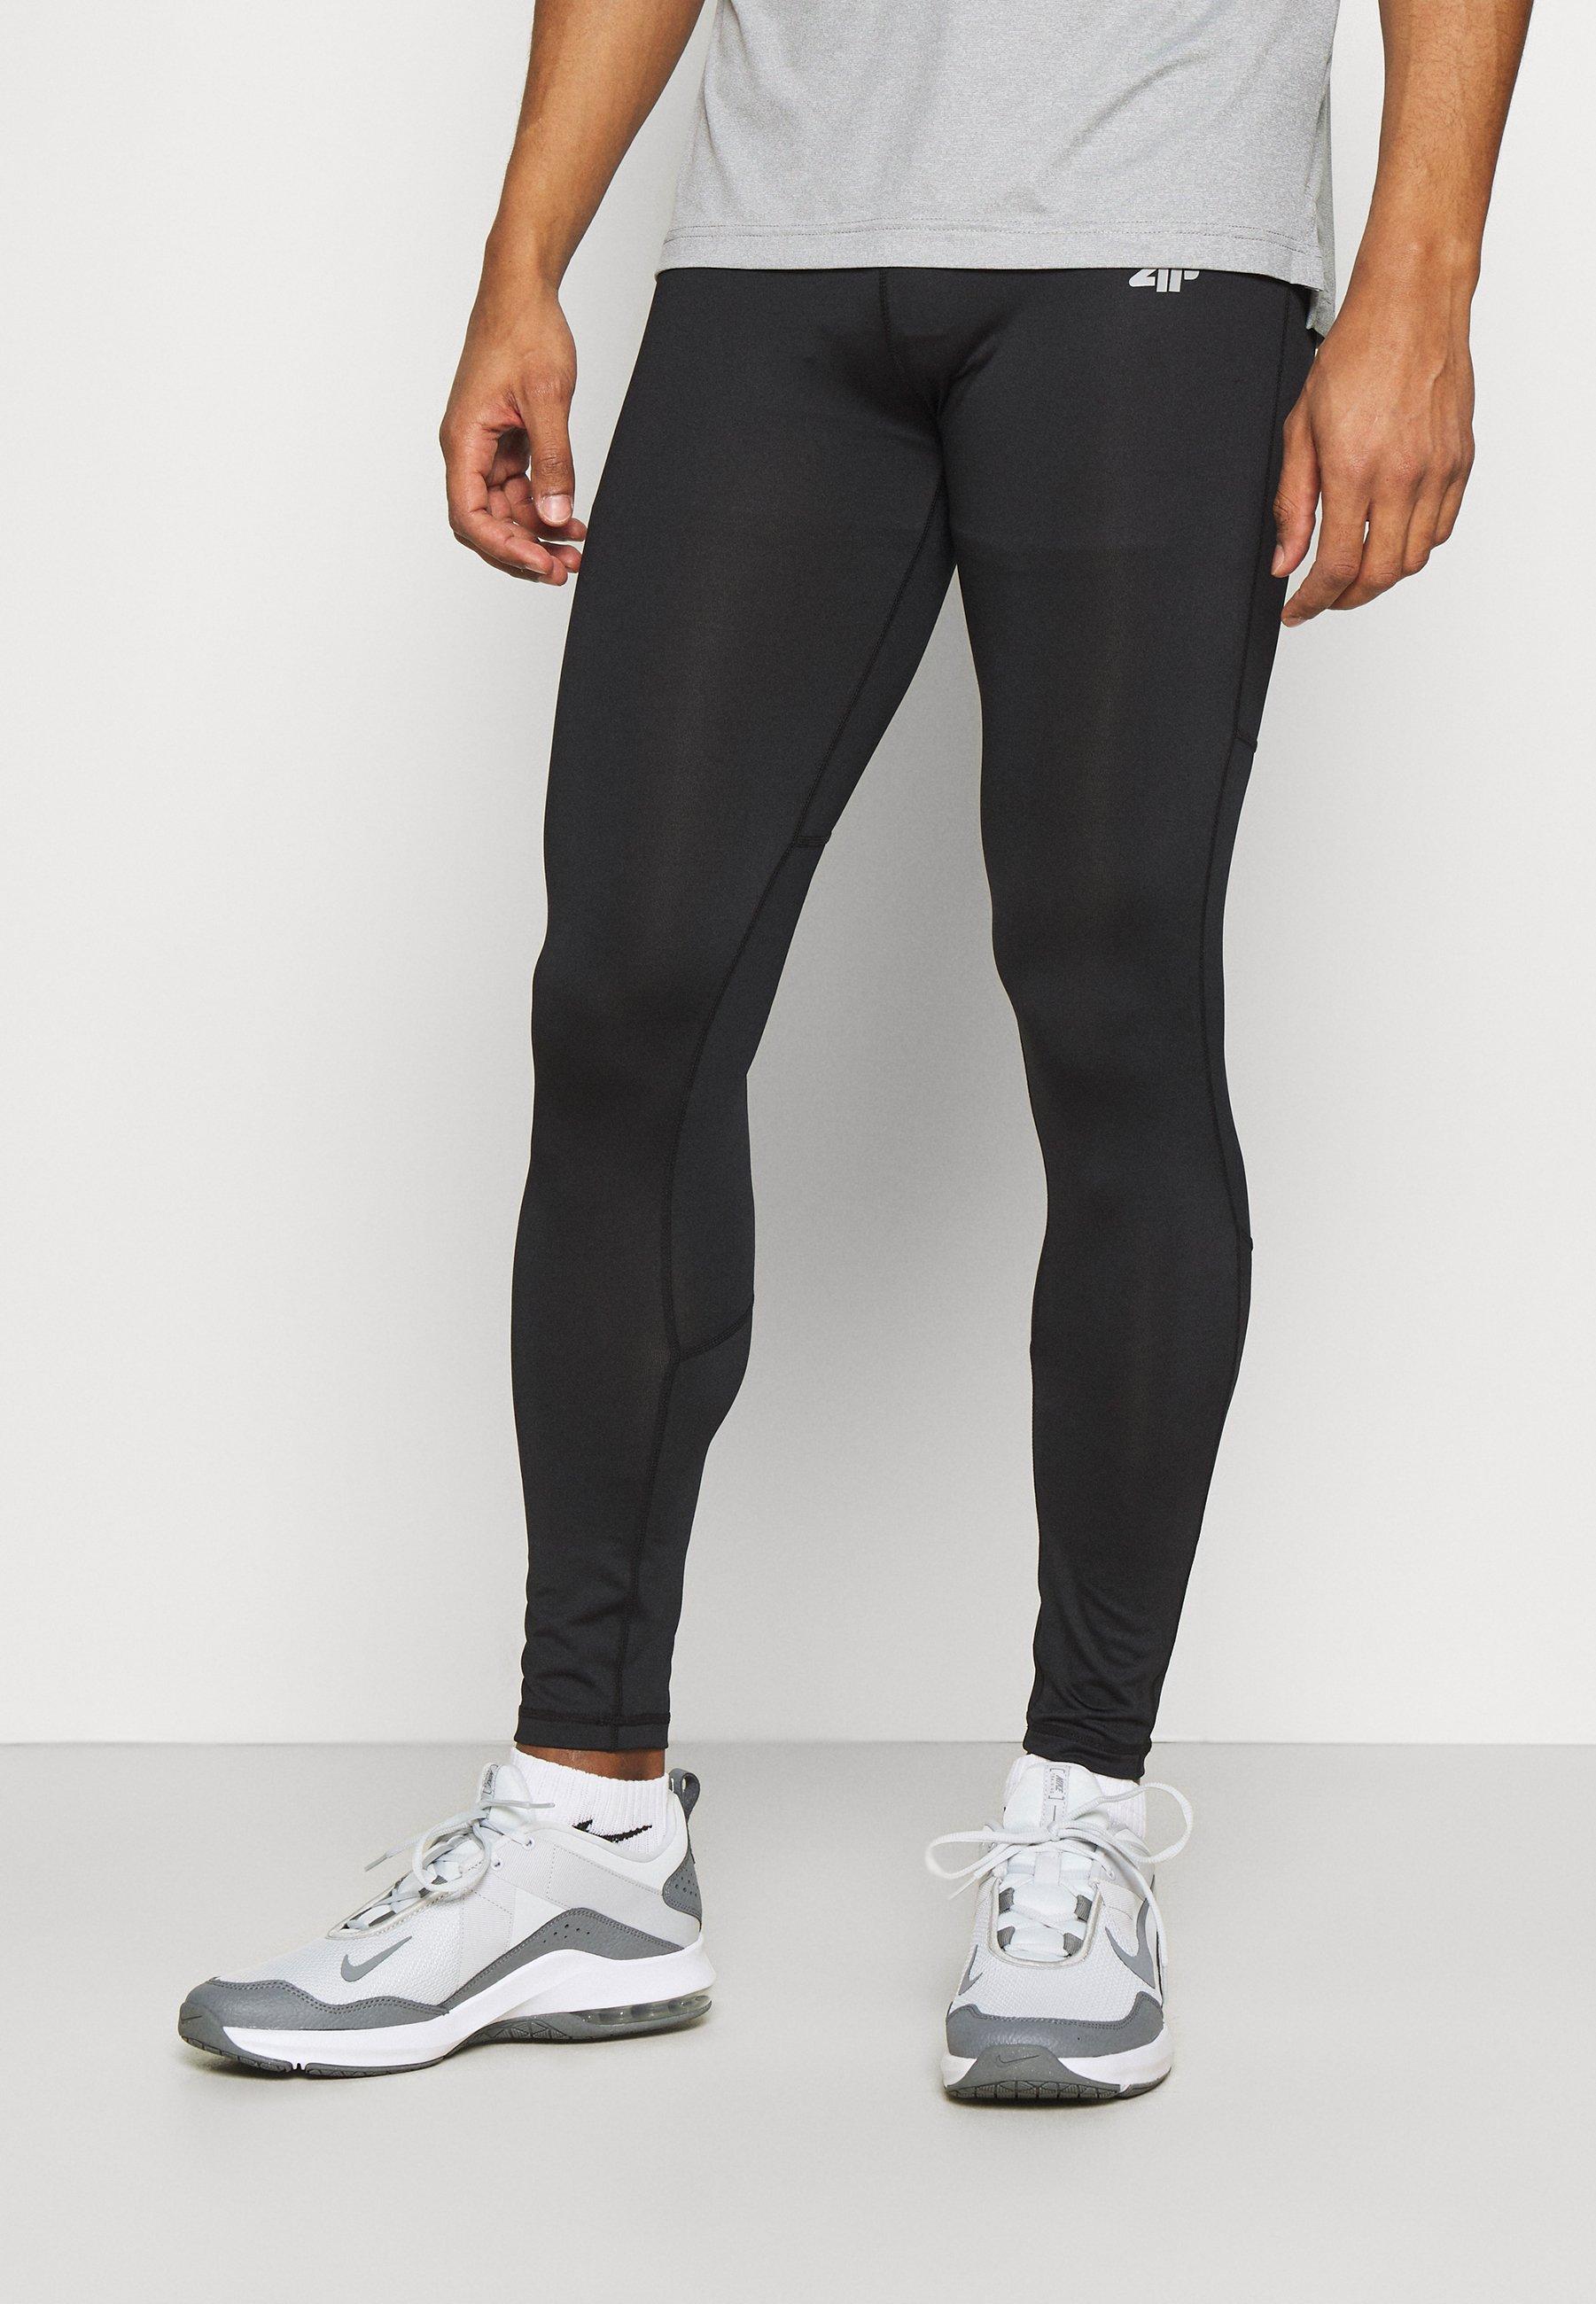 Men Men's training leggings - Leggings